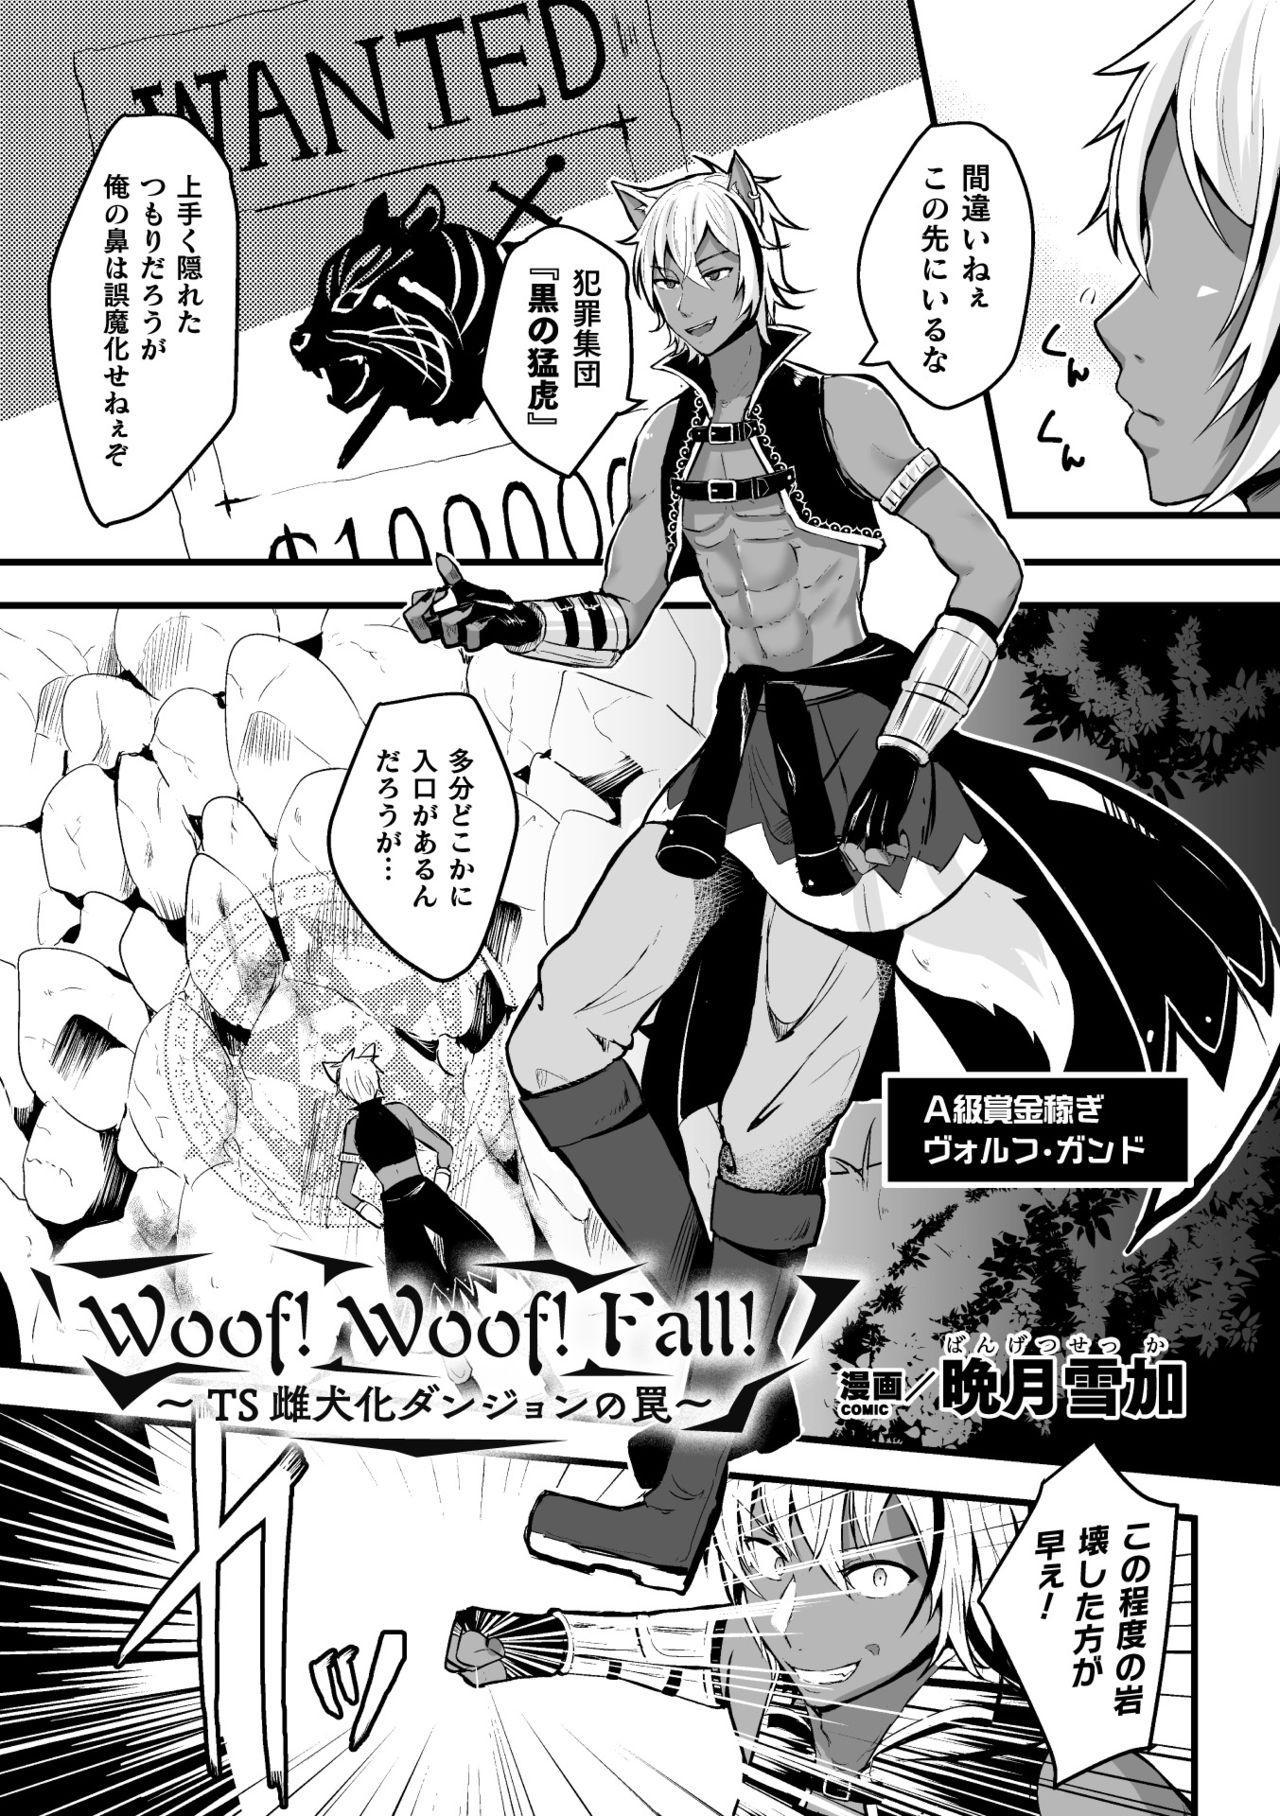 2D Comic Magazine Mesu Ochi! TS Ero Trap Dungeon Vol. 2 48